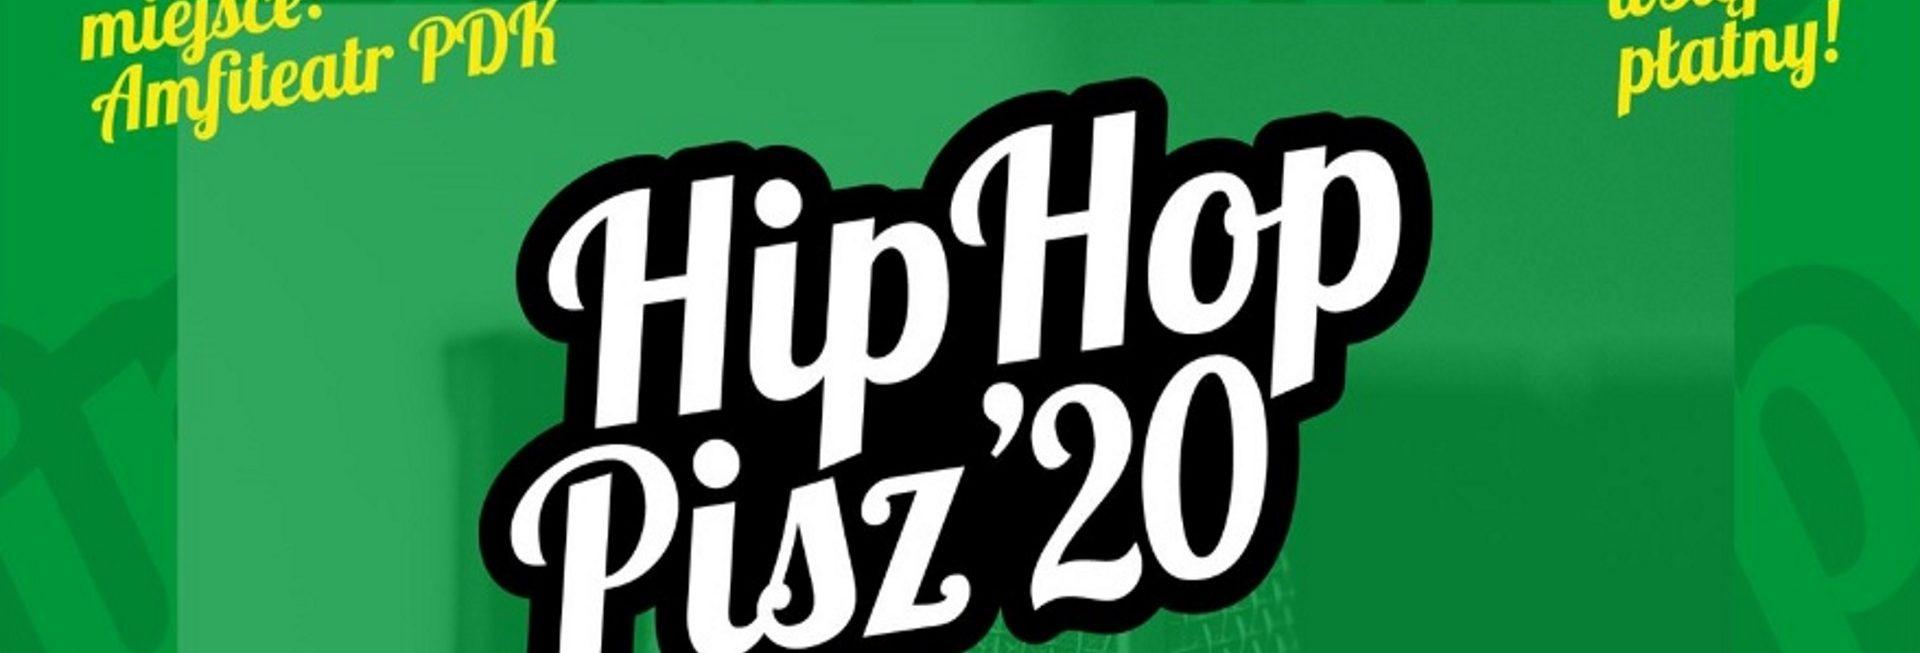 Plakat graficzny zapraszający na 4. edycję Festiwalu Hip Hop Pisz 2020. Plaka z zielonym tłem i napisami Hip Hop wstęp wolny.